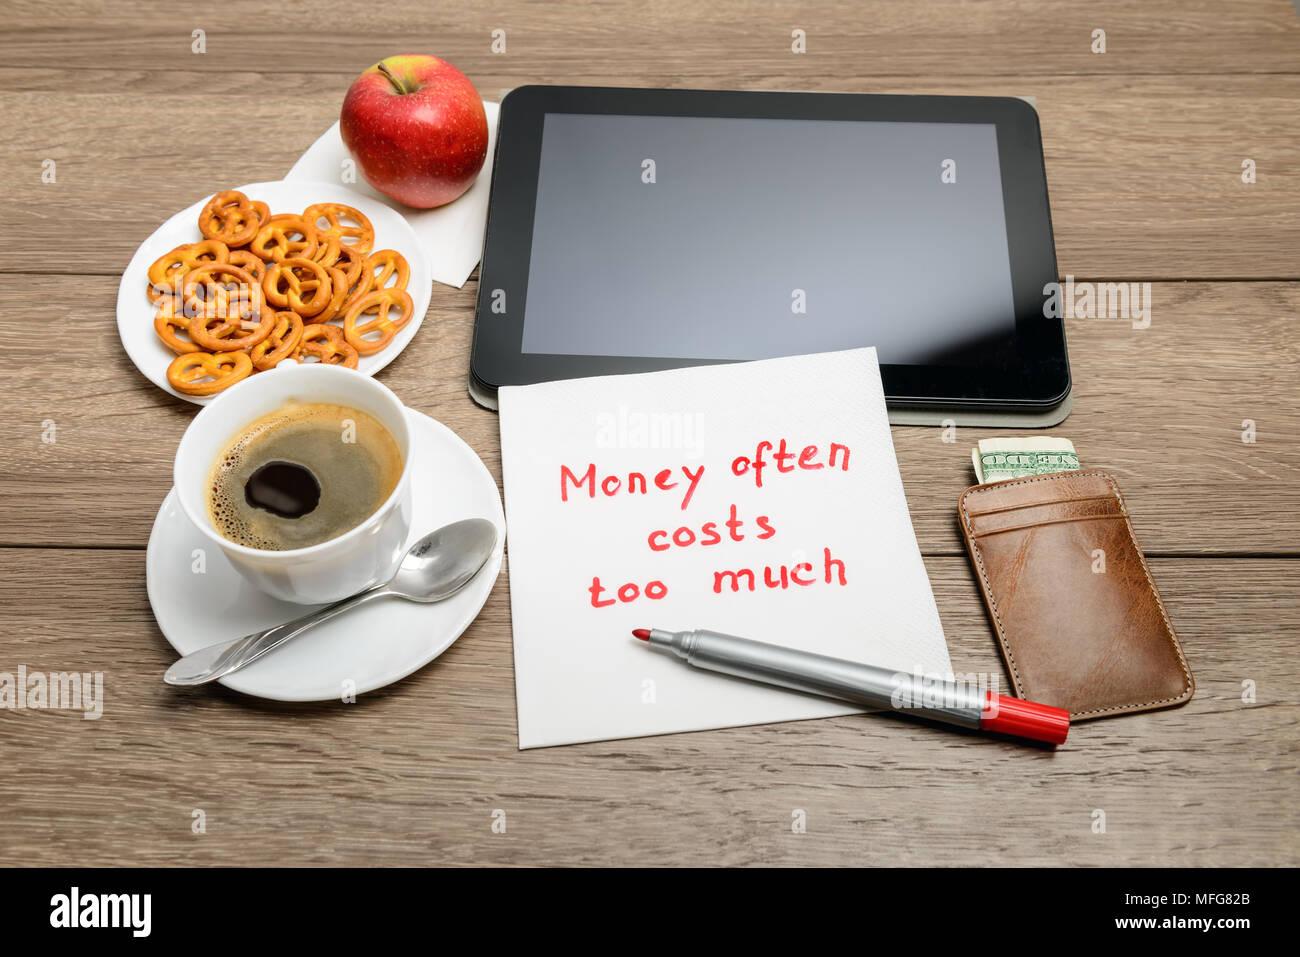 Tovagliolo scrittura proverbio del messaggio sul tavolo di legno con caffè, alcuni alimenti e tablet PC denaro spesso costa troppo Immagini Stock